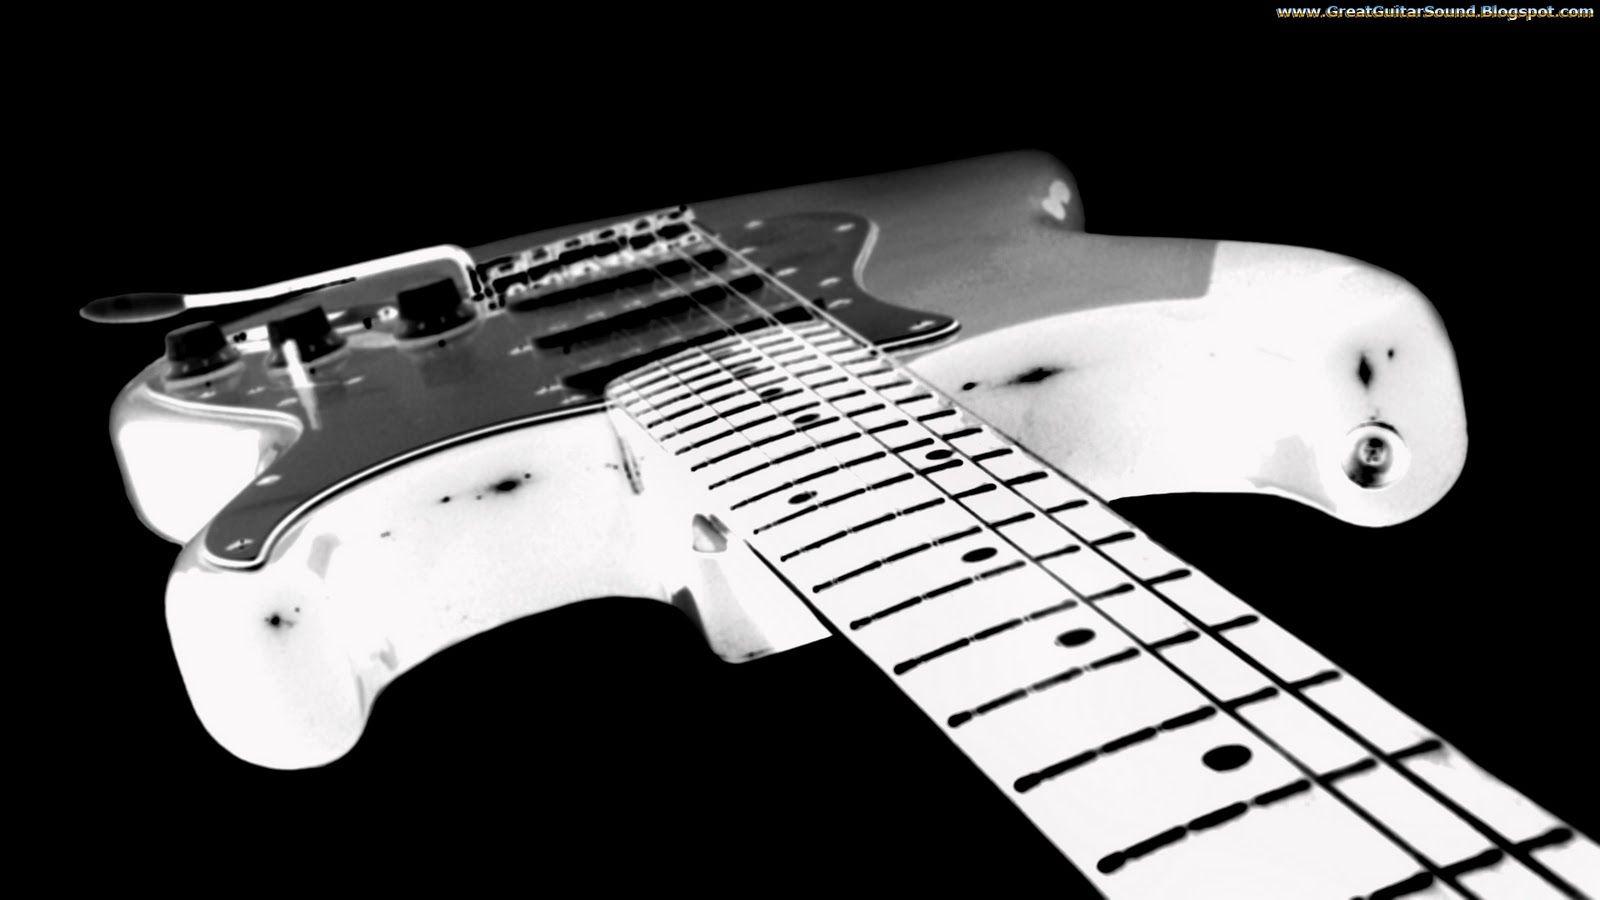 Guitar wallpaper black and white fender stratocaster electric guitar wallpaper black and white fender stratocaster electric guitar voltagebd Choice Image